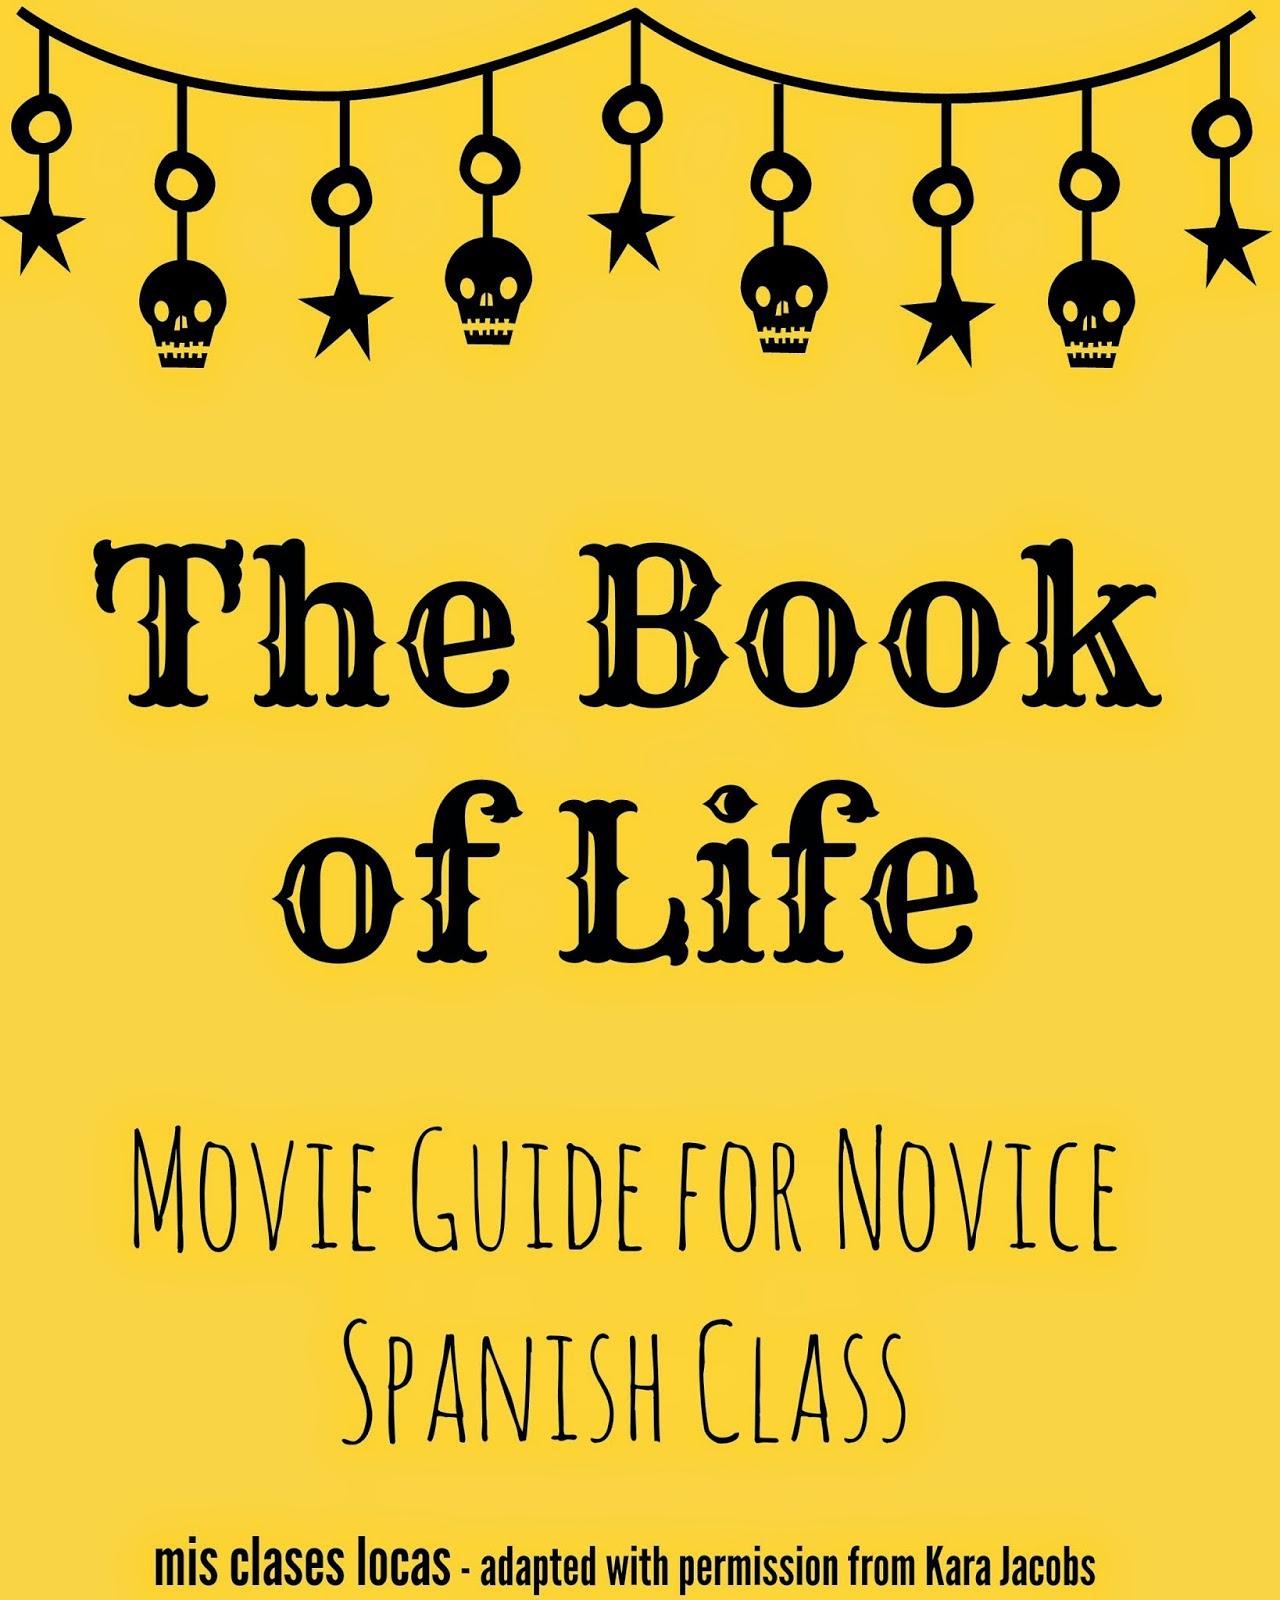 El Libro de Vida - The Book of Life - Novice Guide